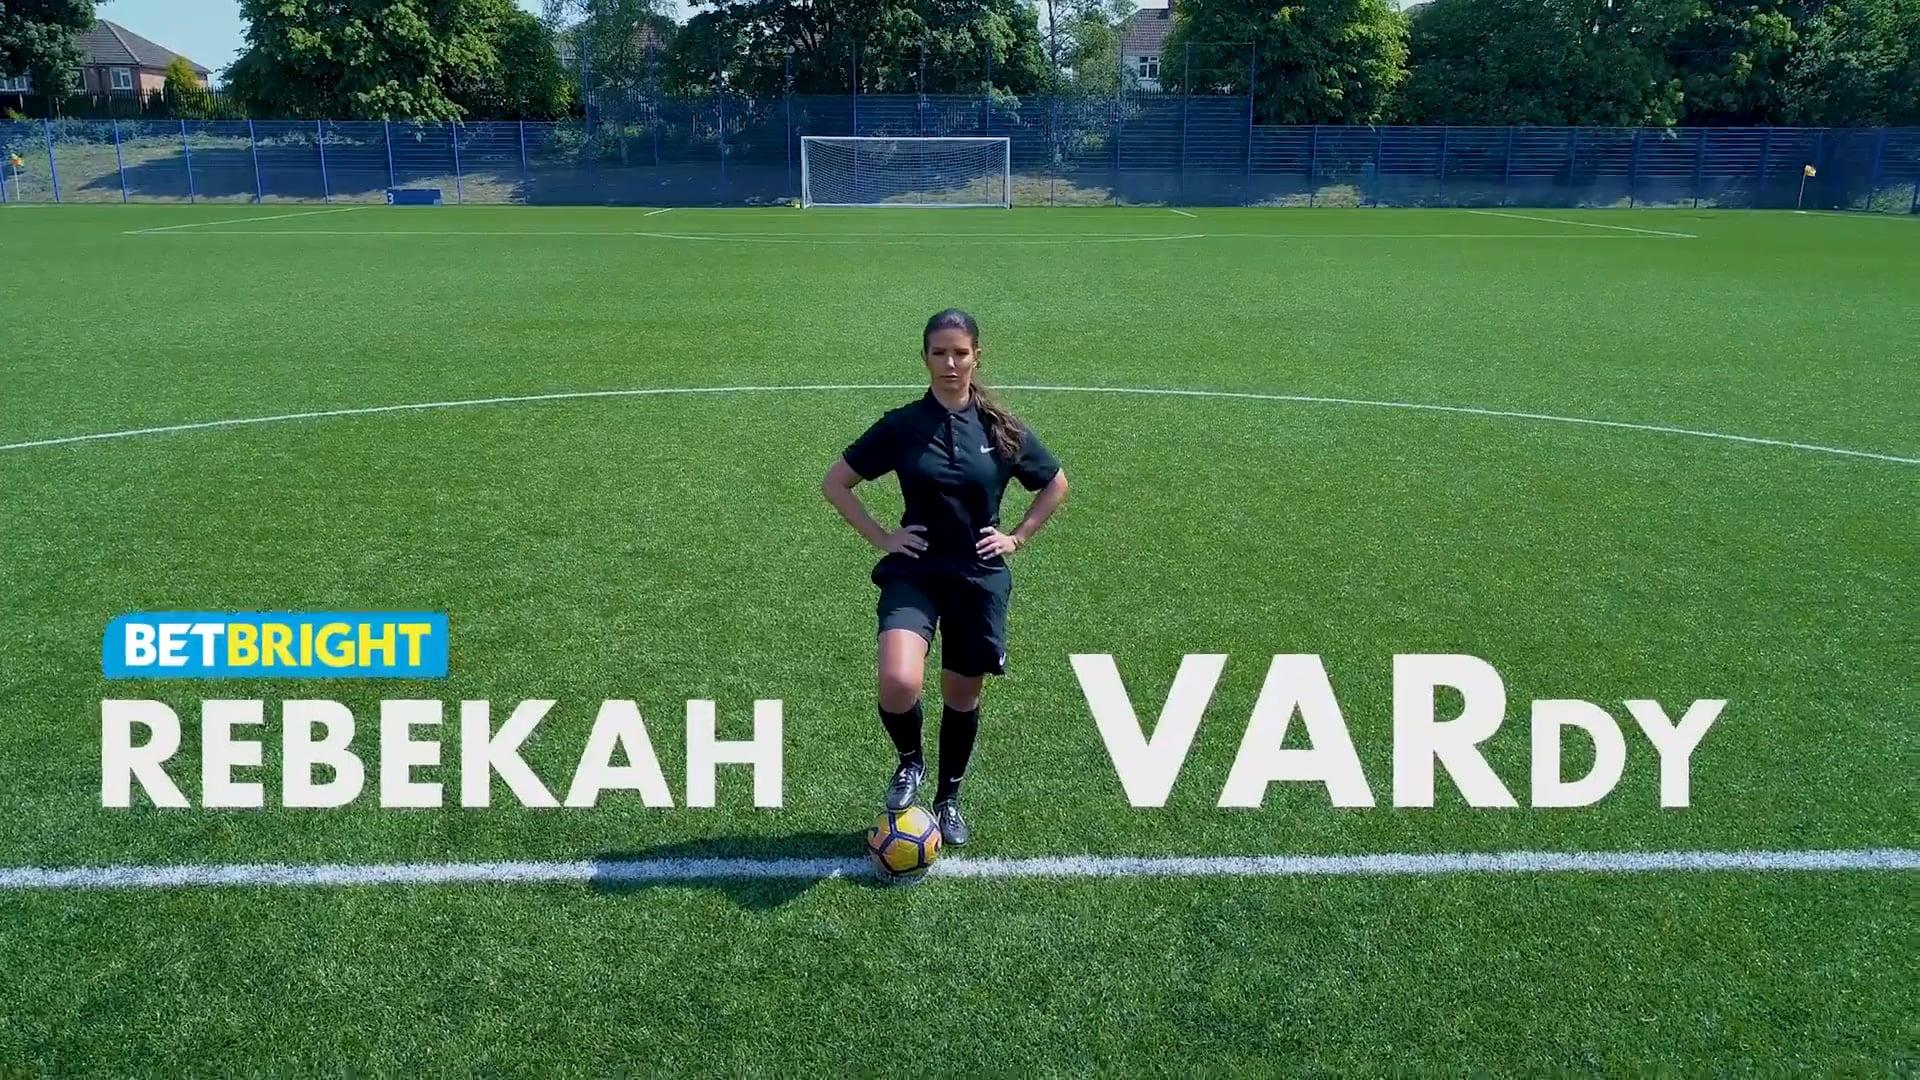 BetBright - Rebekah VARdy